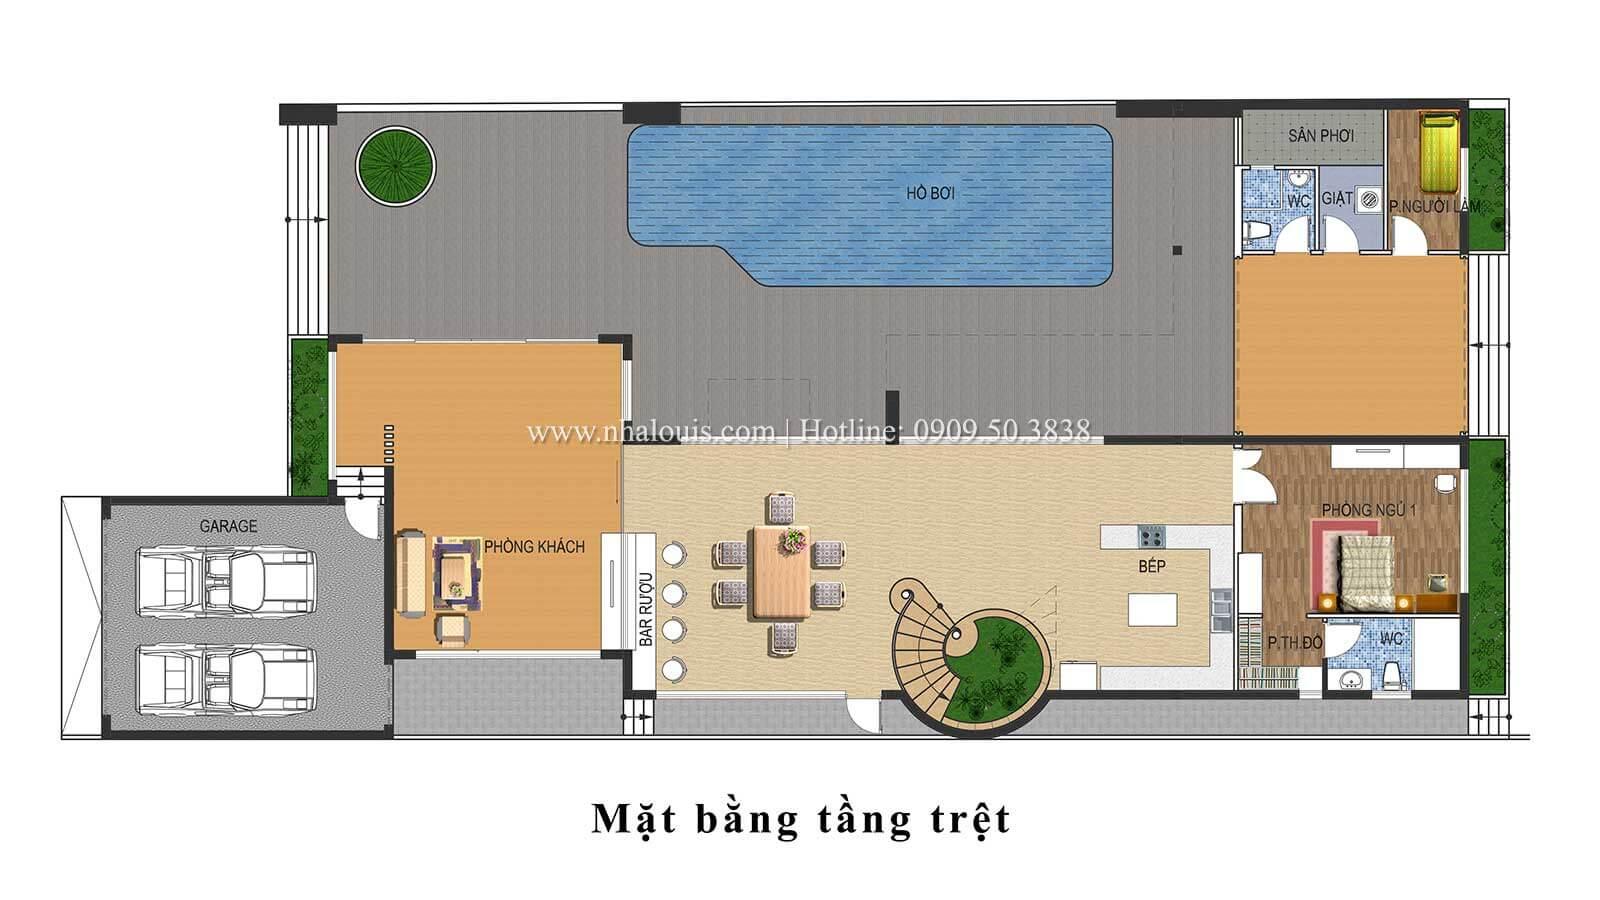 Thiết kế mẫu biệt thự 3 tầng hiện đại cực chất tại Quận 12 - 11